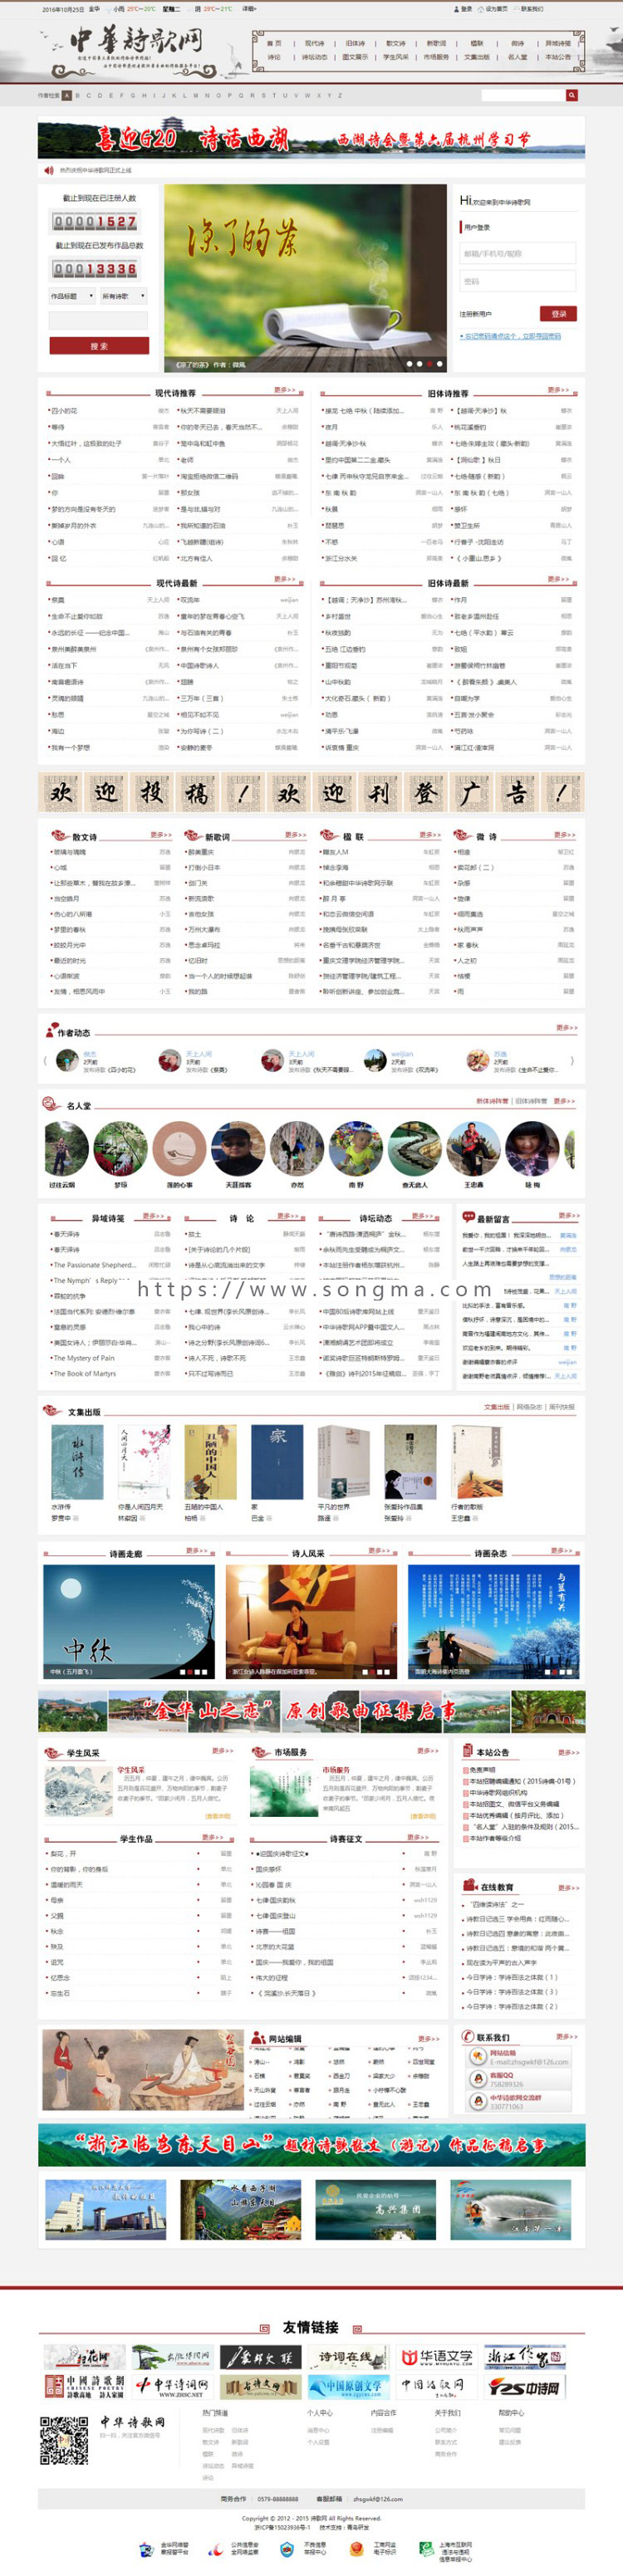 destoon仿中华诗歌网 中华经典诗歌门户网站源码